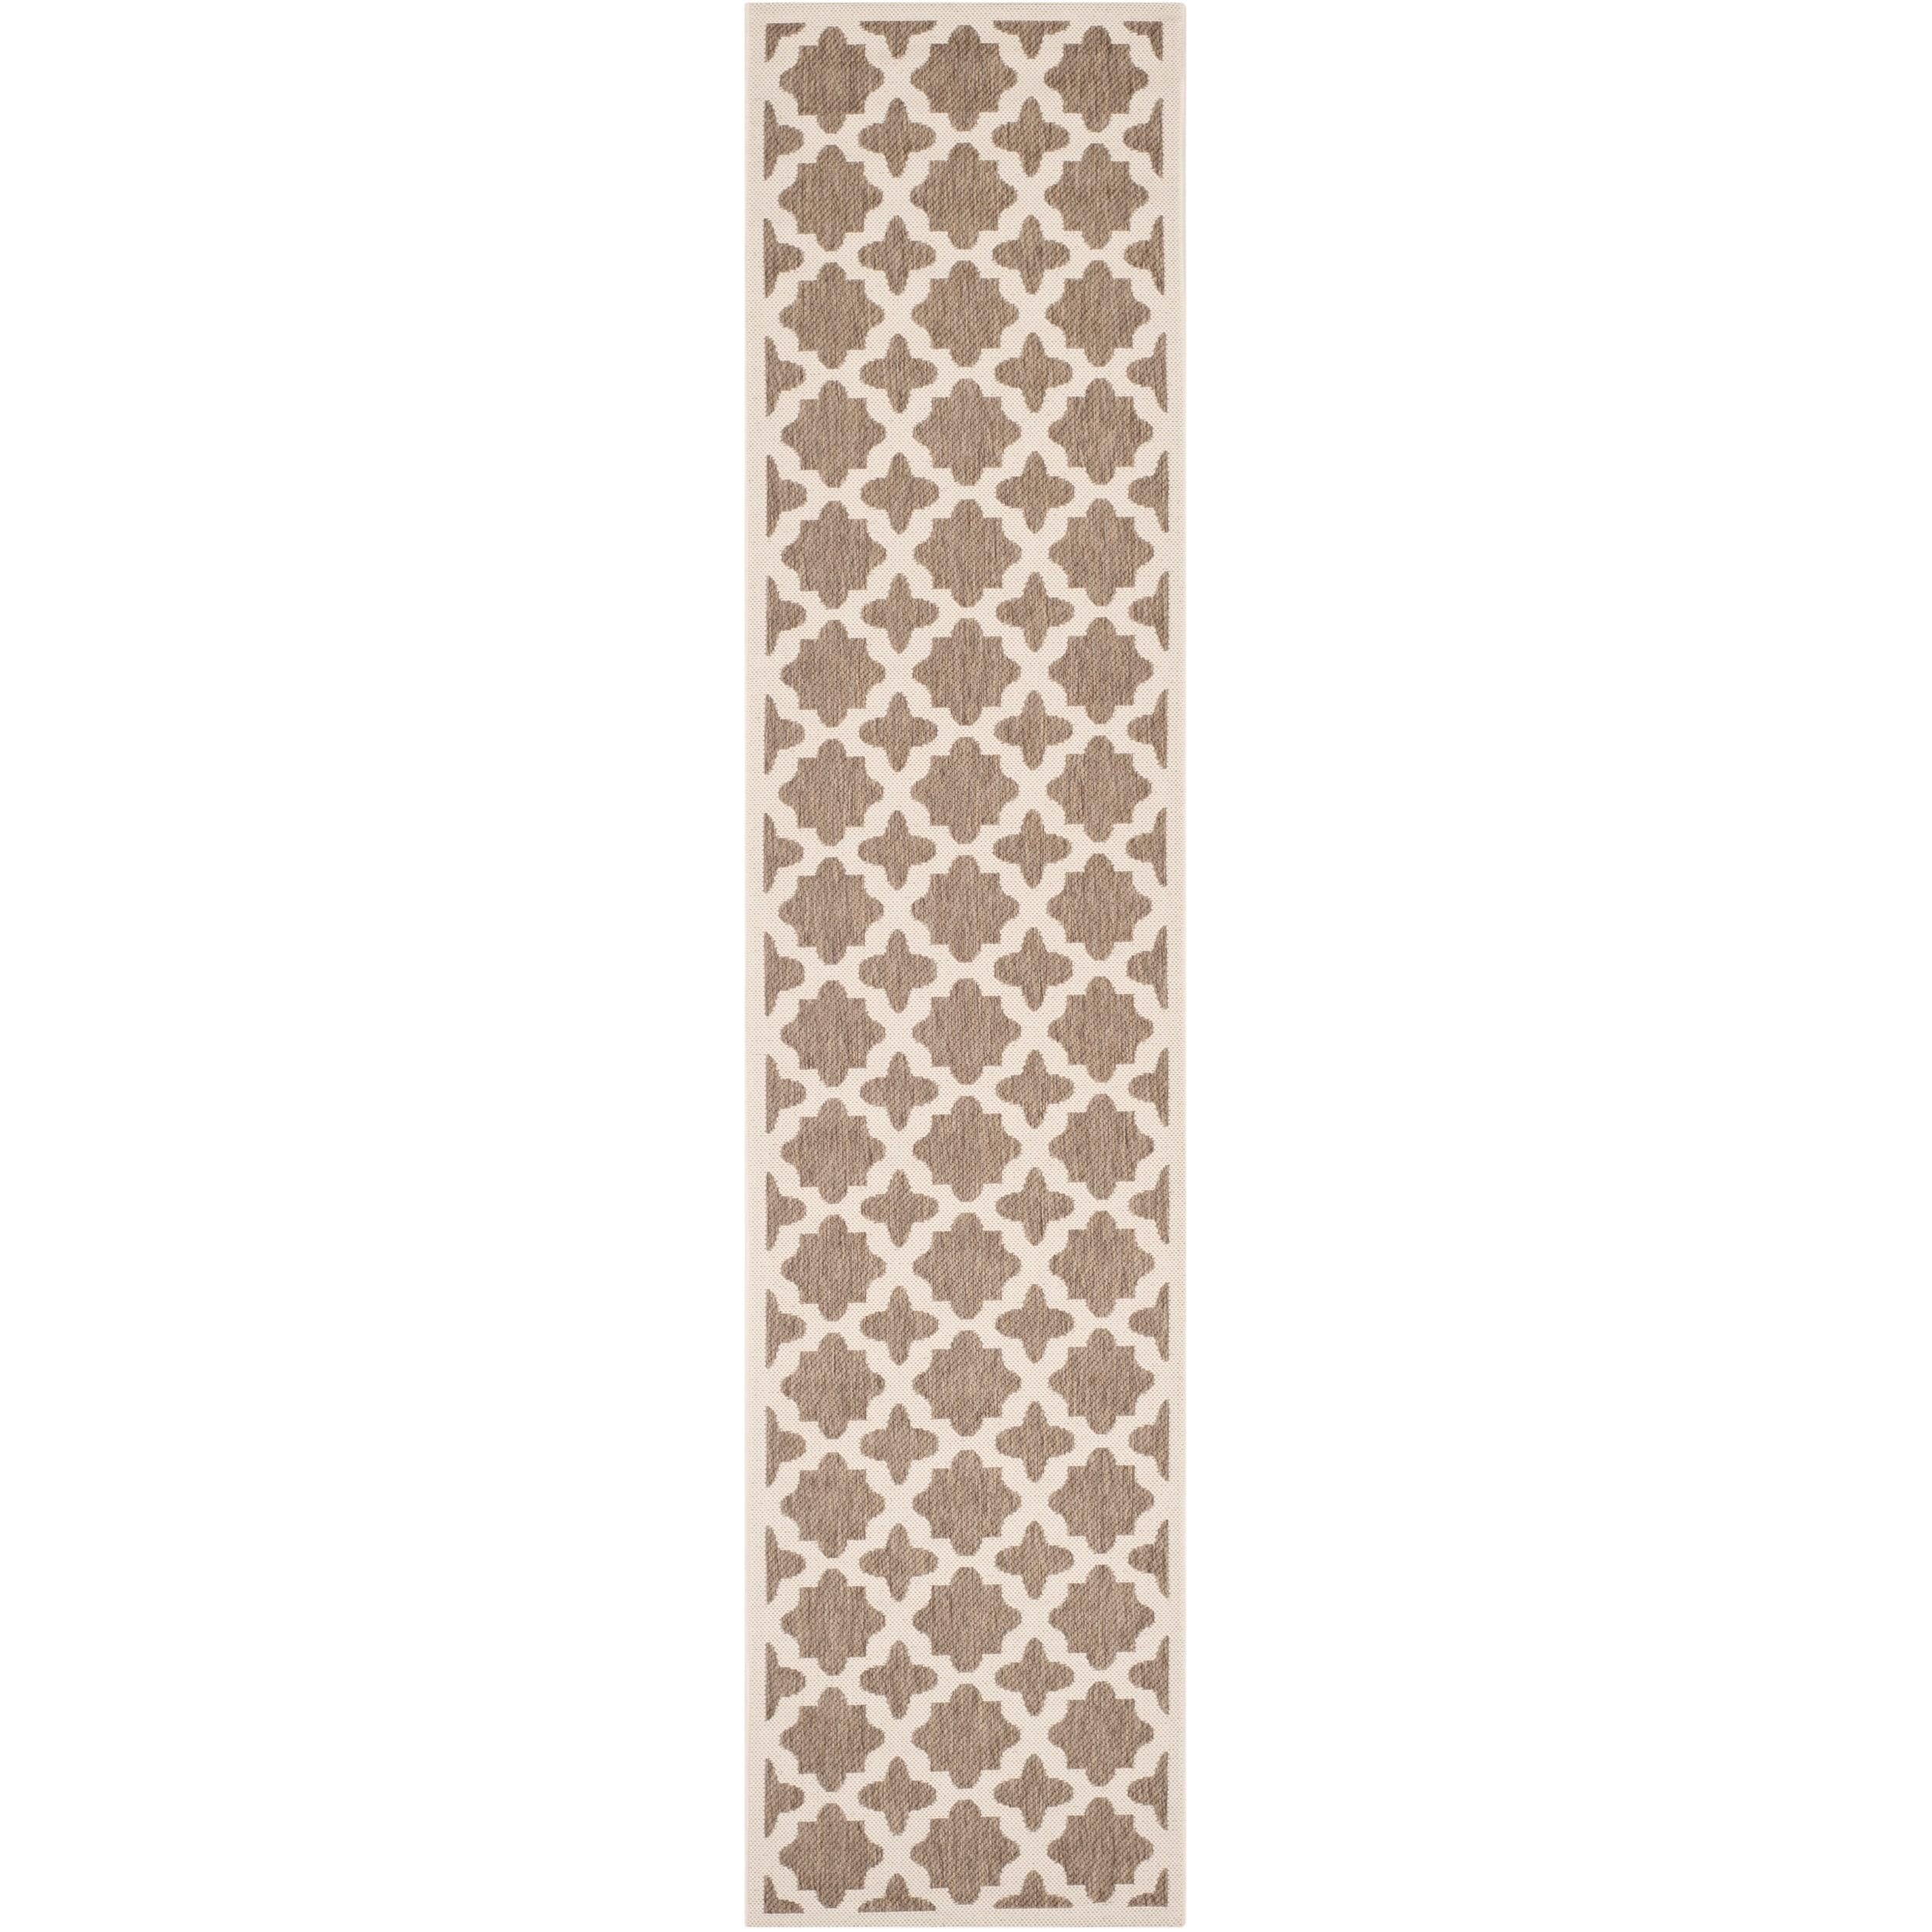 Safavieh Indoor/ Outdoor Courtyard Brown/ Bone Stain Resistant Rug (23 X 67)